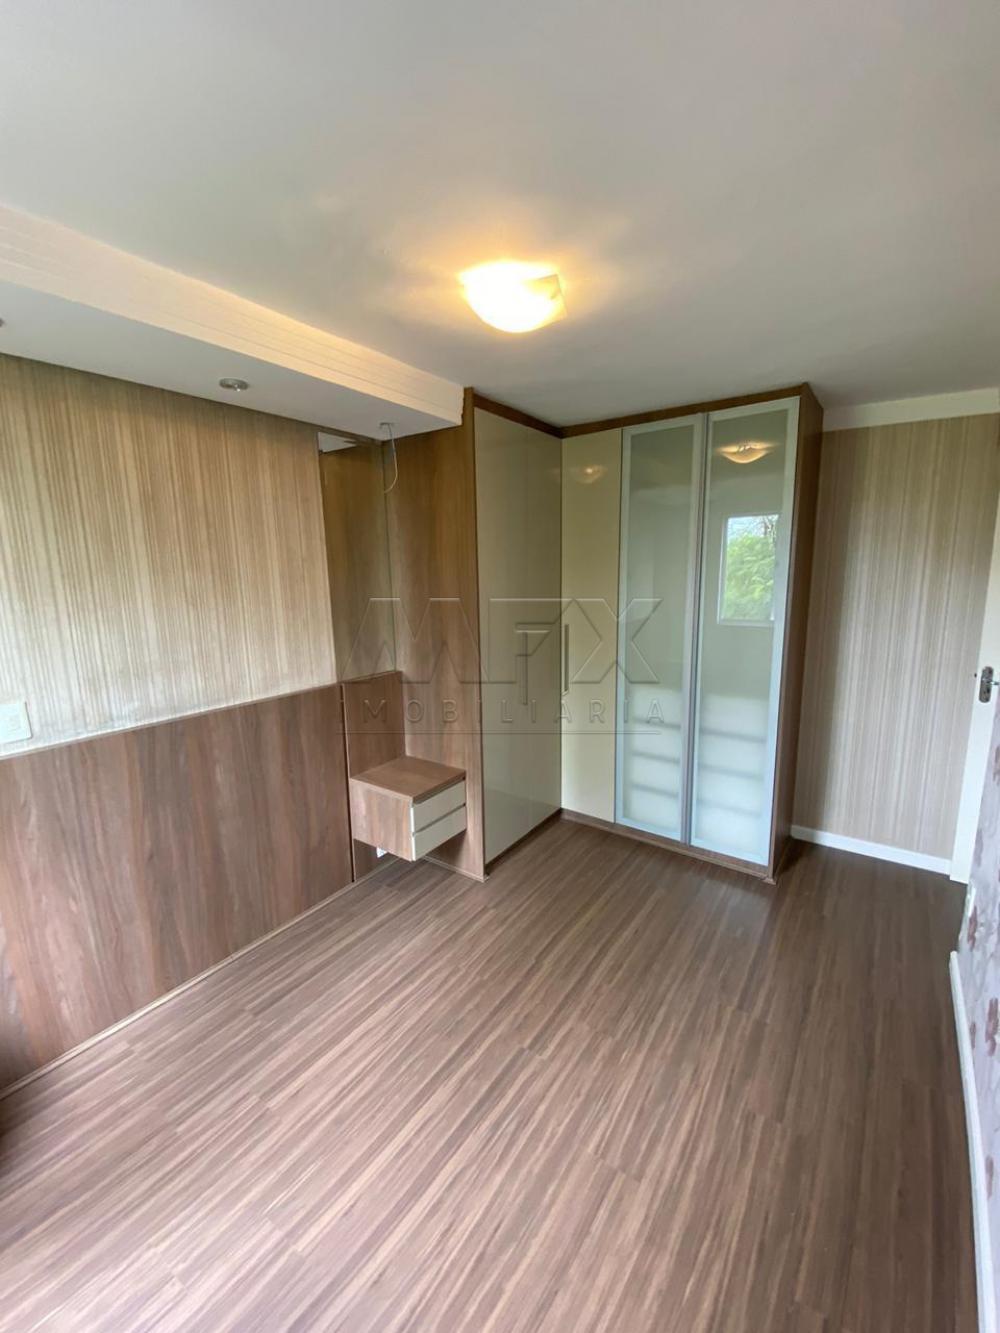 Comprar Apartamento / Padrão em Bauru apenas R$ 150.000,00 - Foto 1